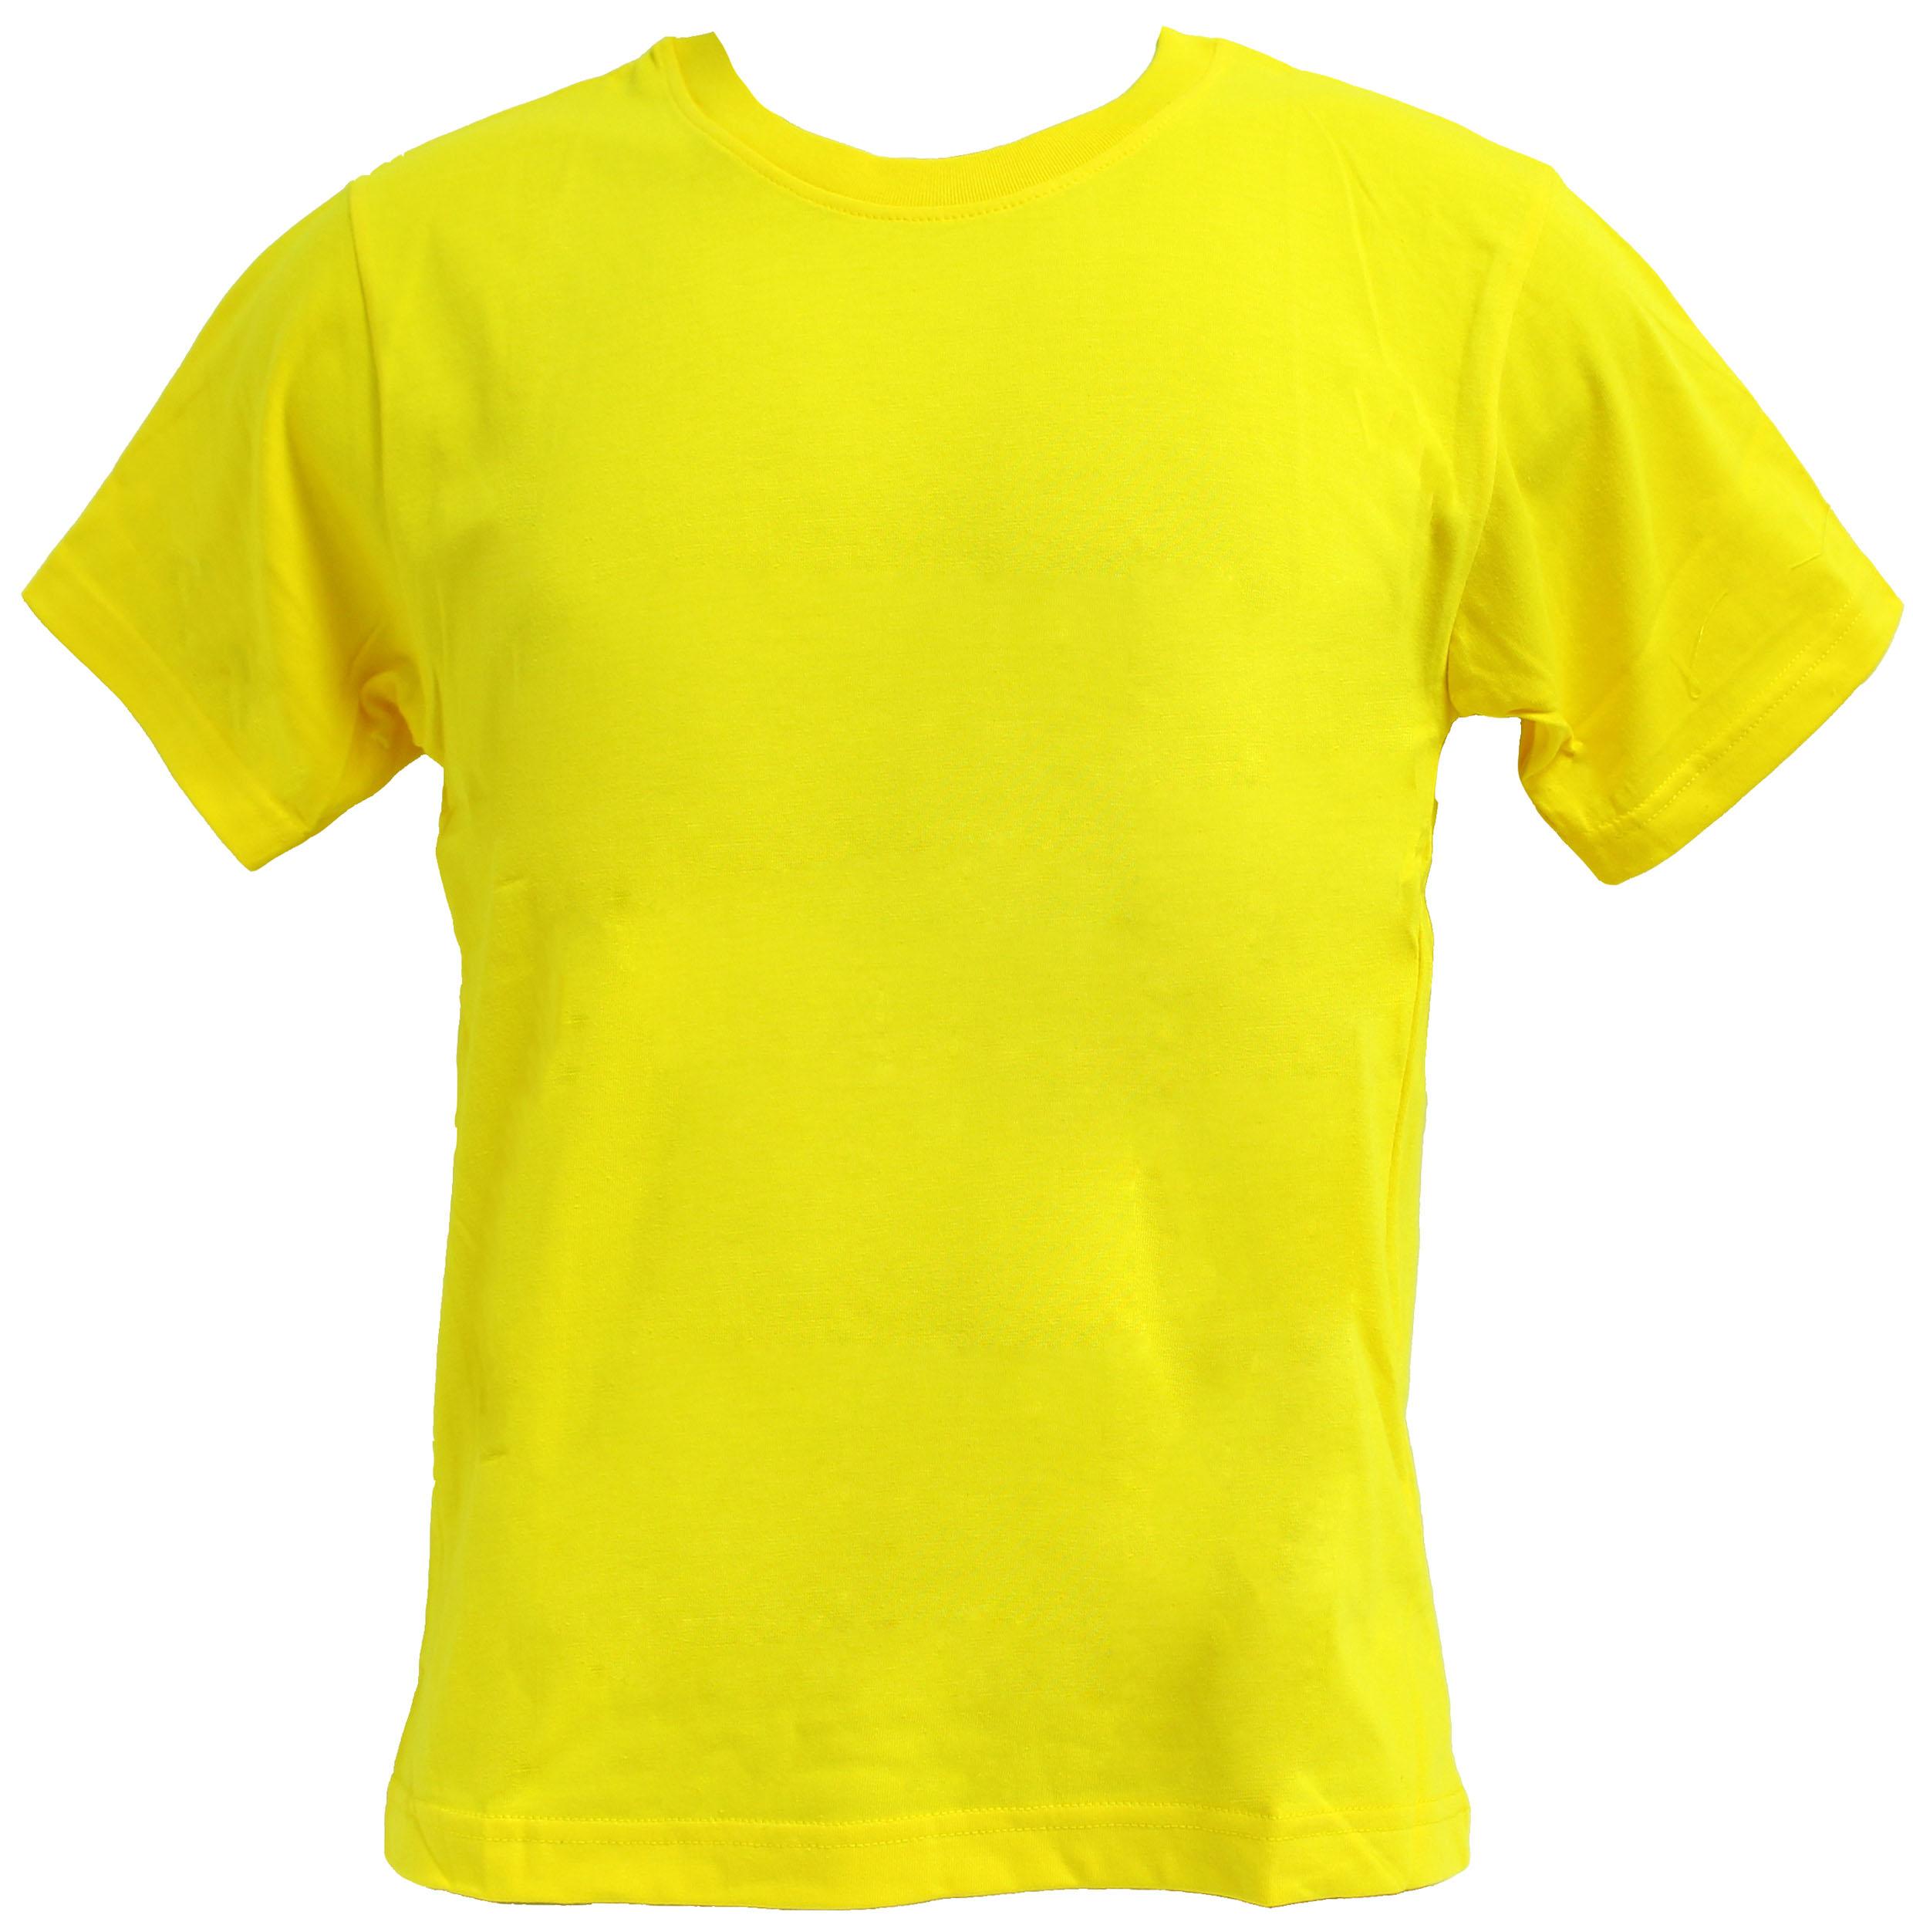 Roundneck Cotton T-Shirts Singapore